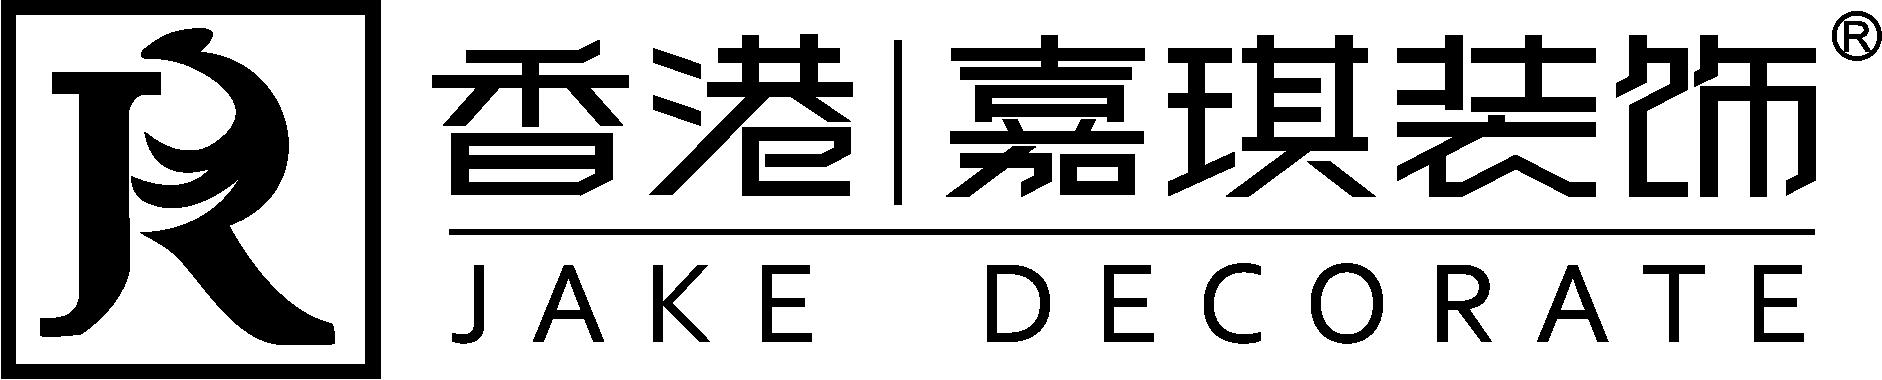 香港嘉琪装饰绍兴设计有限公司 - 绍兴装修公司